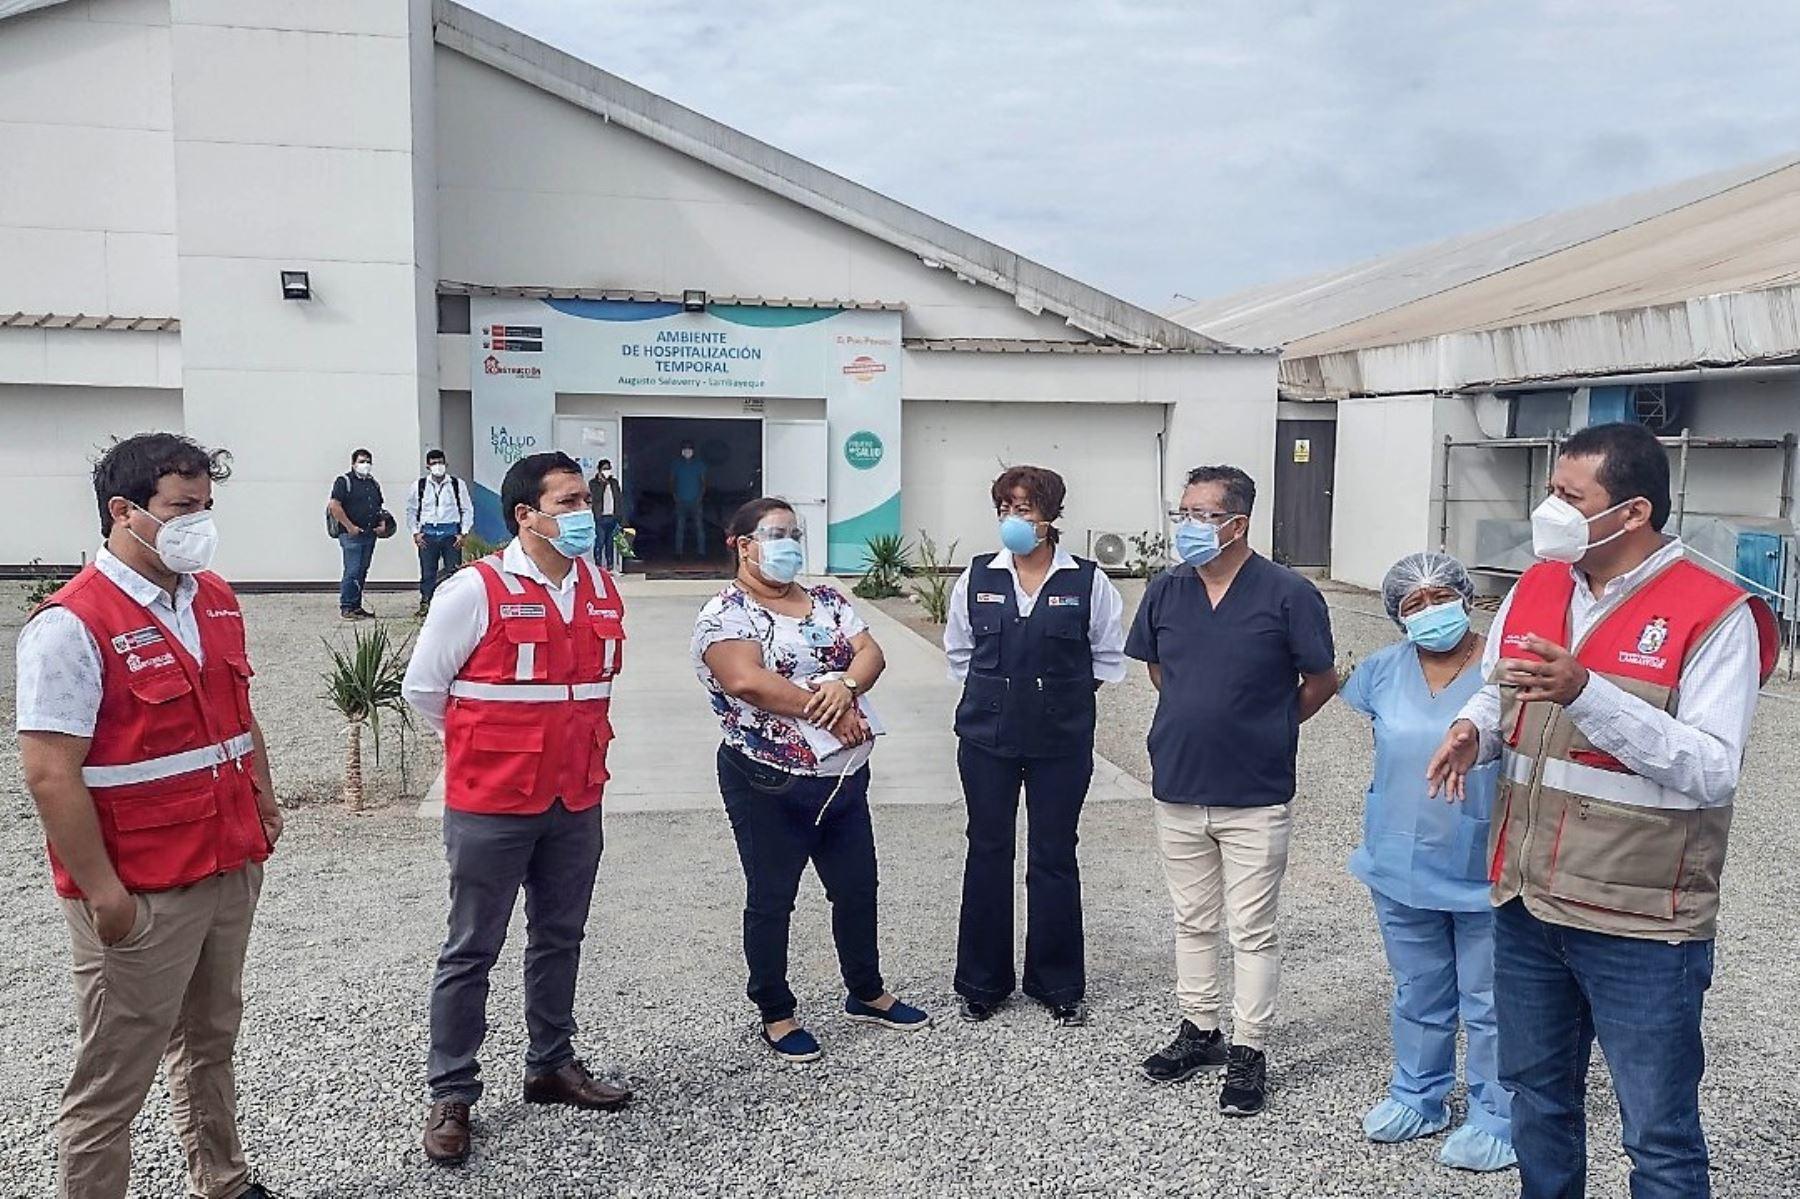 Autoridades regionales de Lambayeque realizaron visita de inspección al centro de atención temporal del distrito de La Victoria. Foto: ANDINA/Difusión